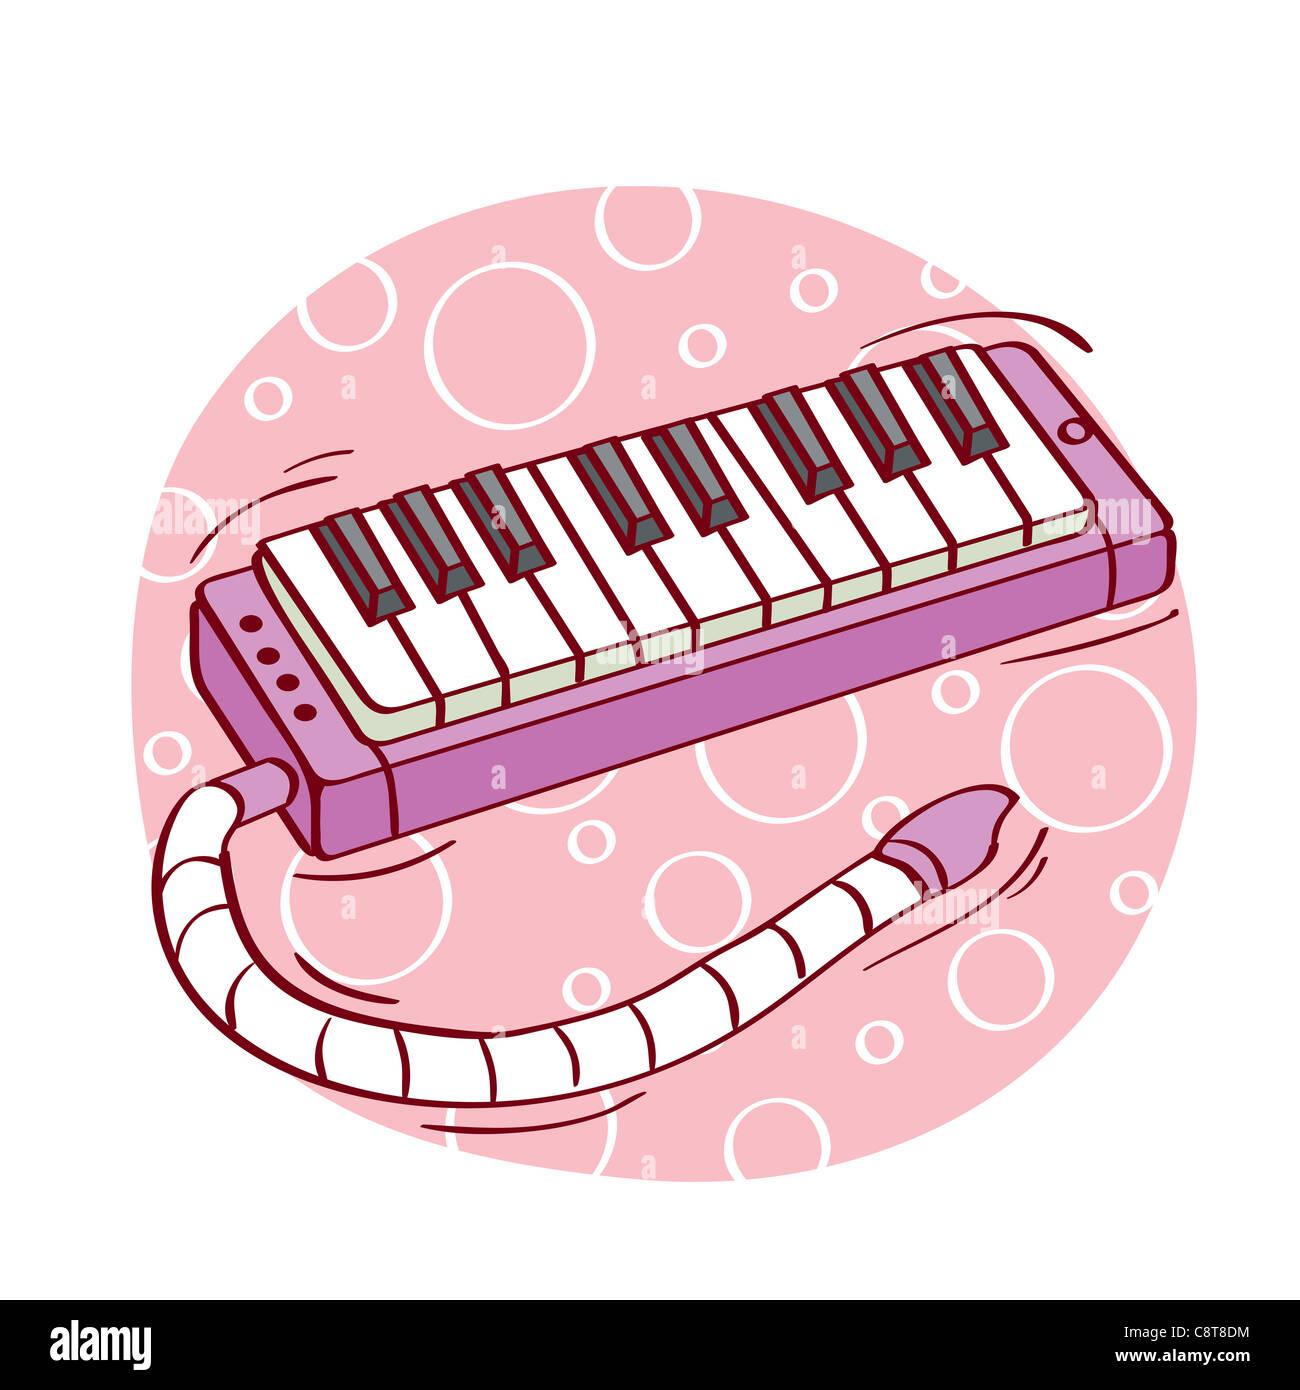 Illustration of synthesizer keyboard against white background - Stock Image